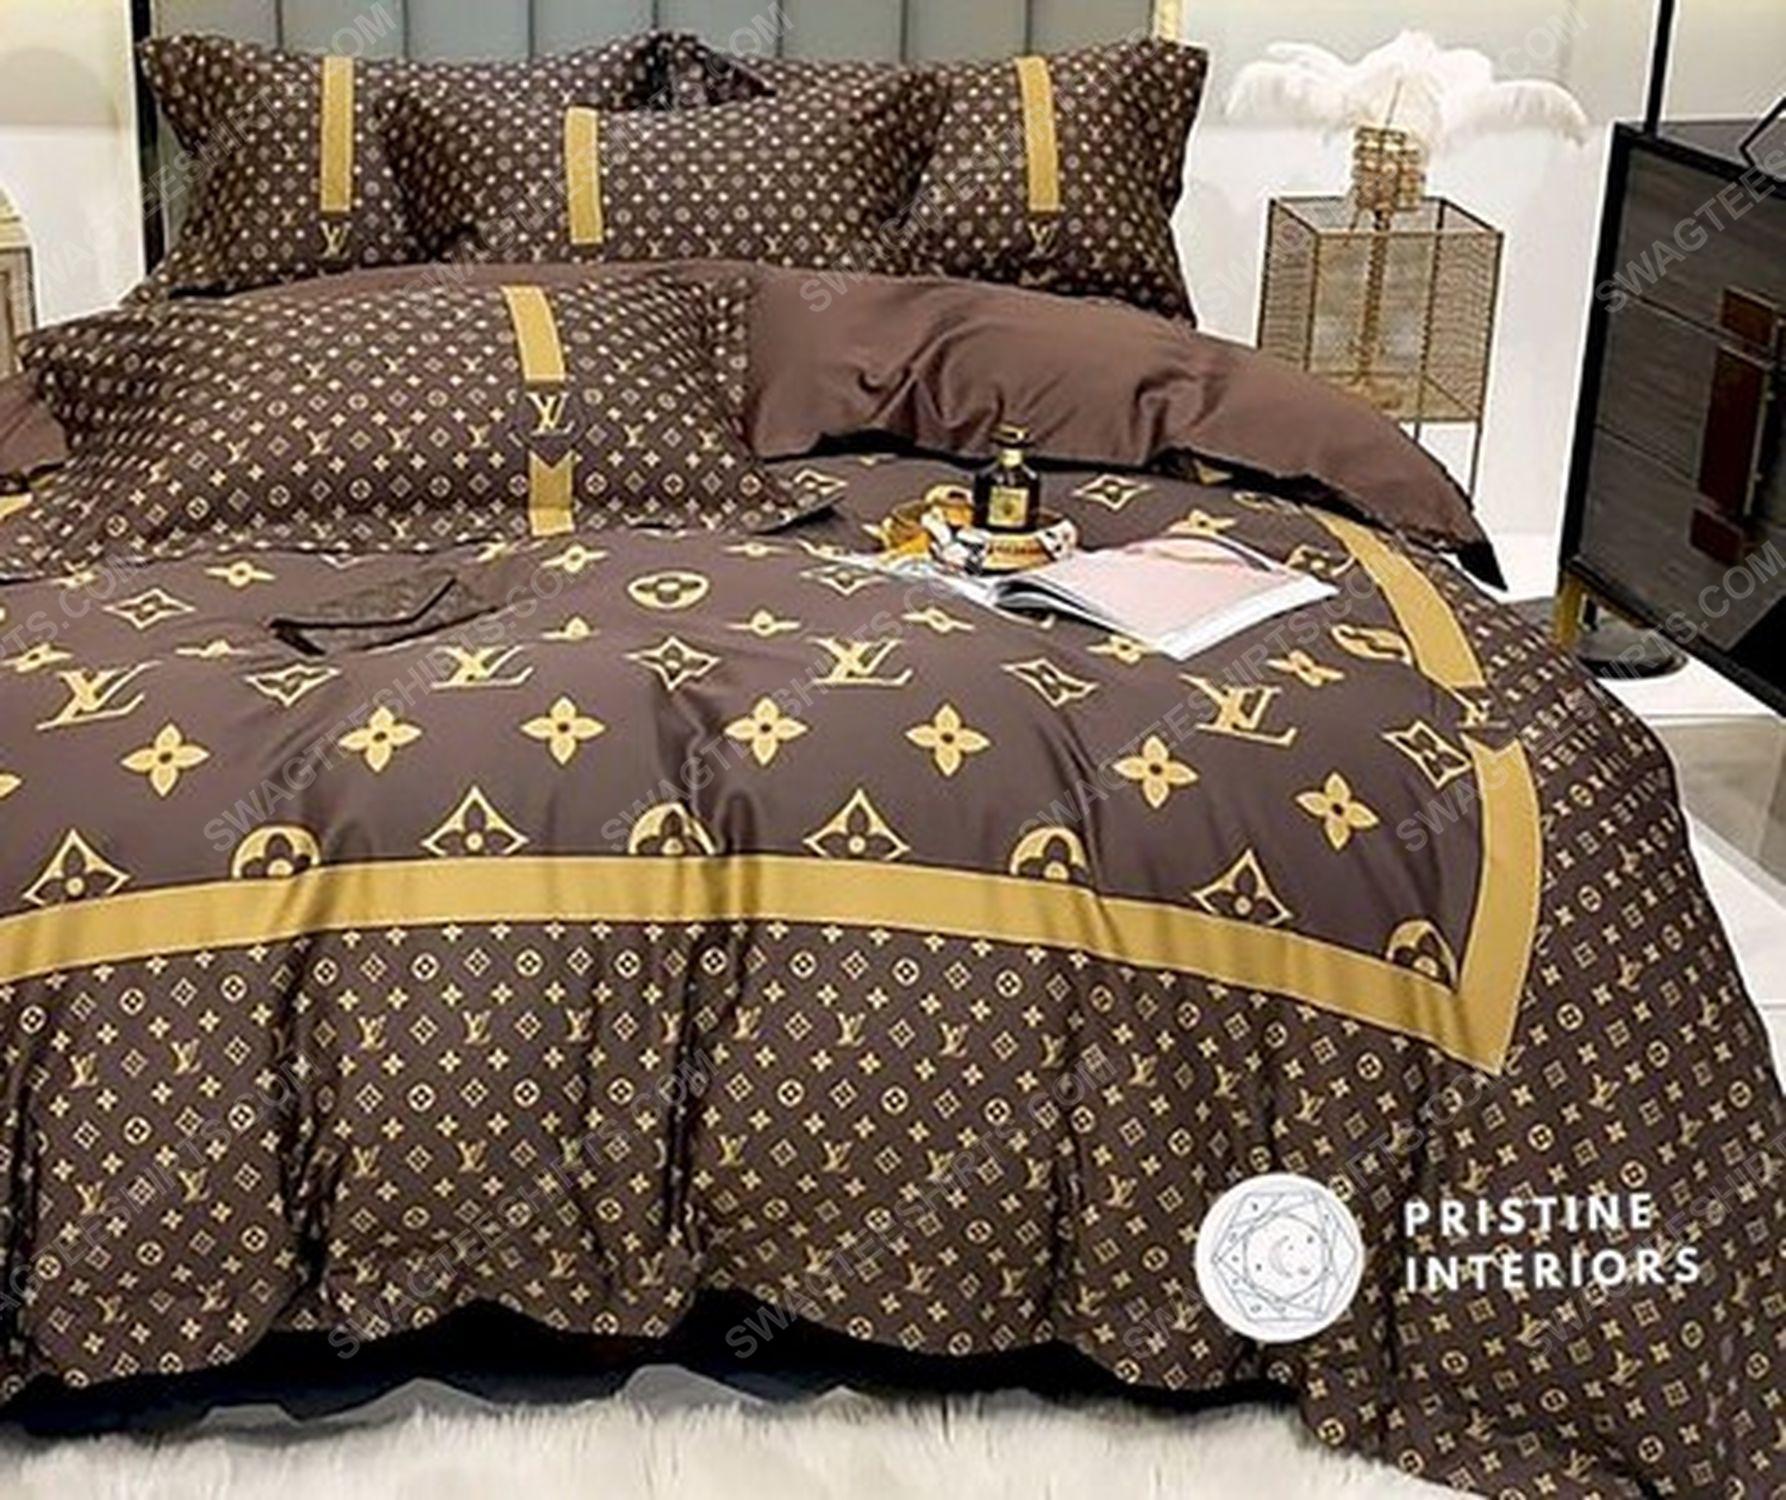 Lv monogram brown version full print duvet cover bedding set 1